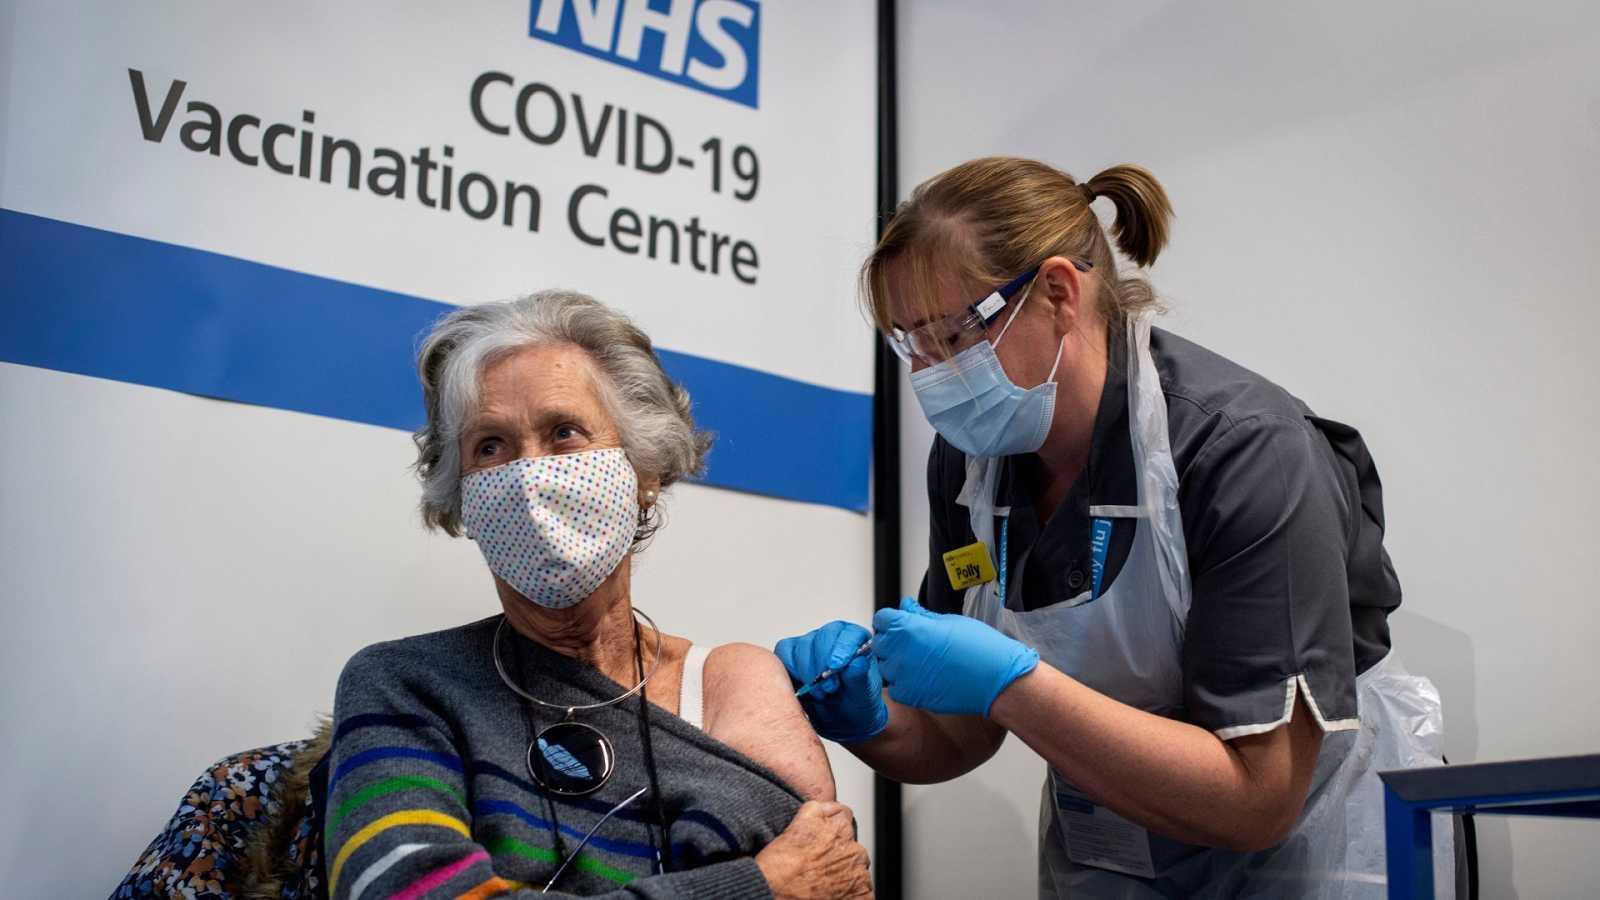 Una mujer recibe este martes la vacuna contra la COVID-19 de Pfizer en el Reino Unido